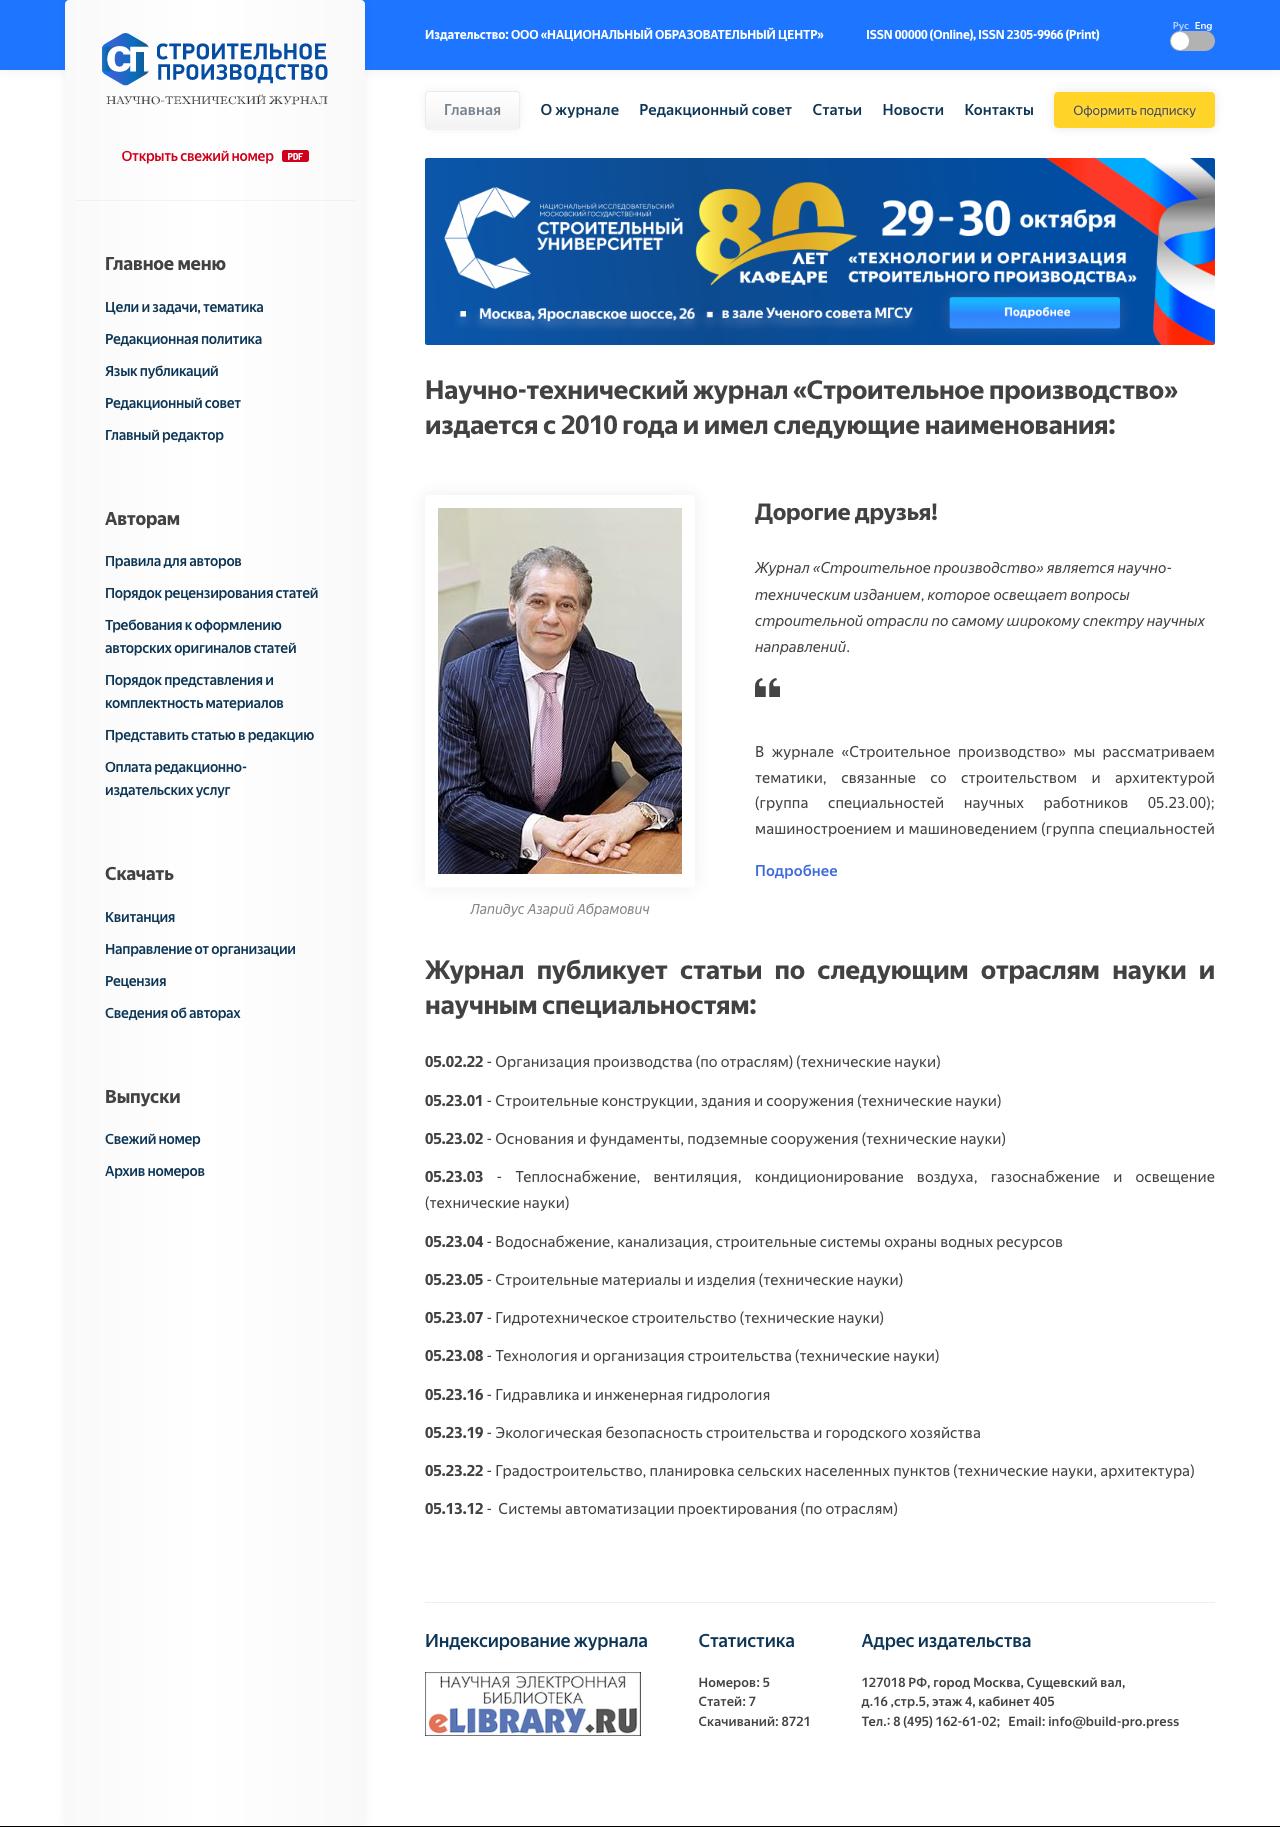 Научно-технический журнал «Строительное производство»